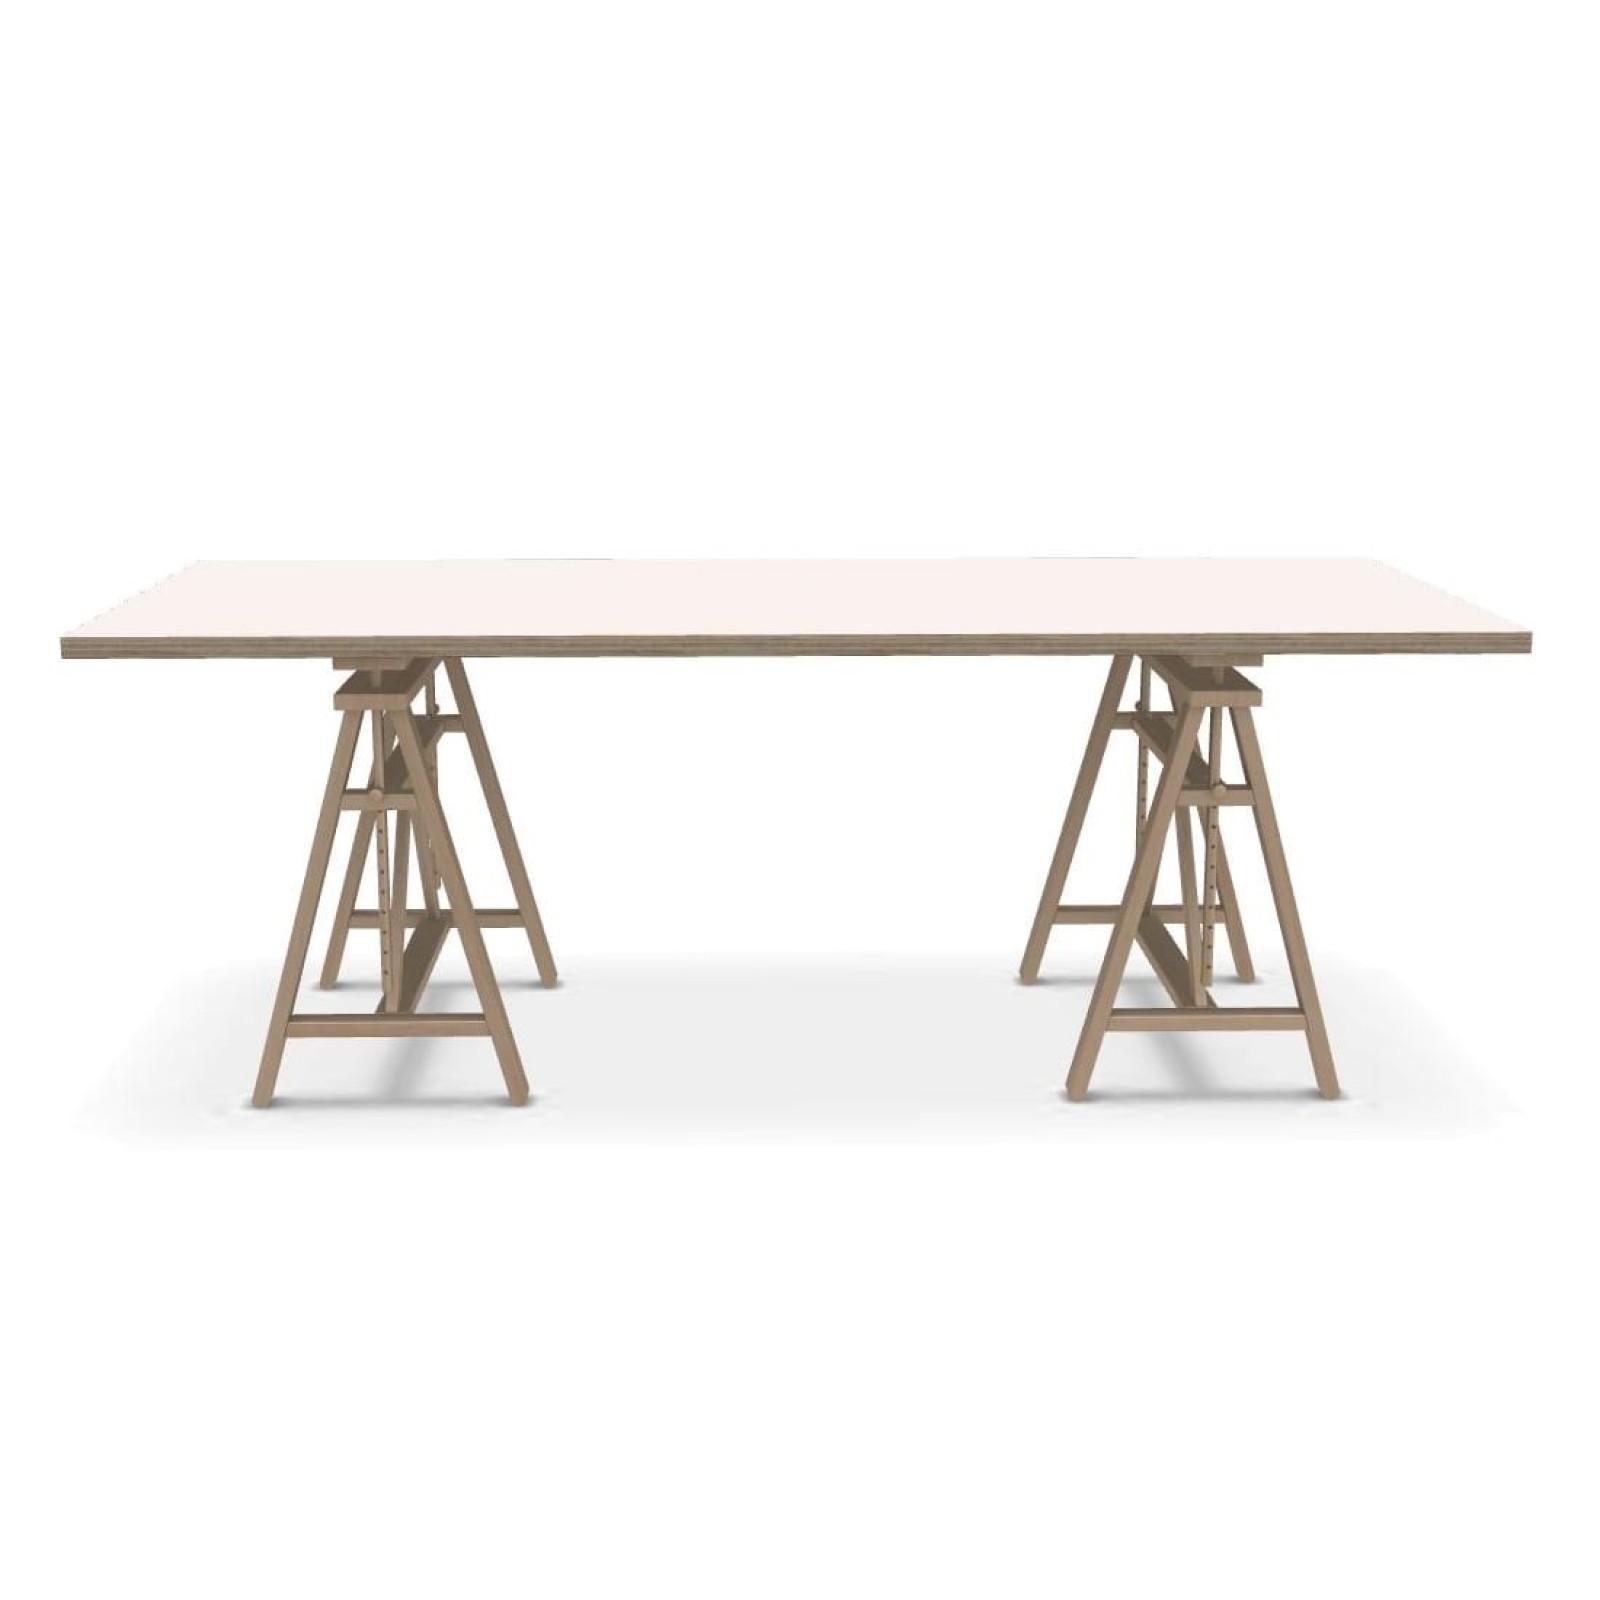 Γραφείο / Τραπέζι Teatro με Μεταβλητό Ύψος (Ξύλο Οξιάς / Λευκό MDF) - Magis